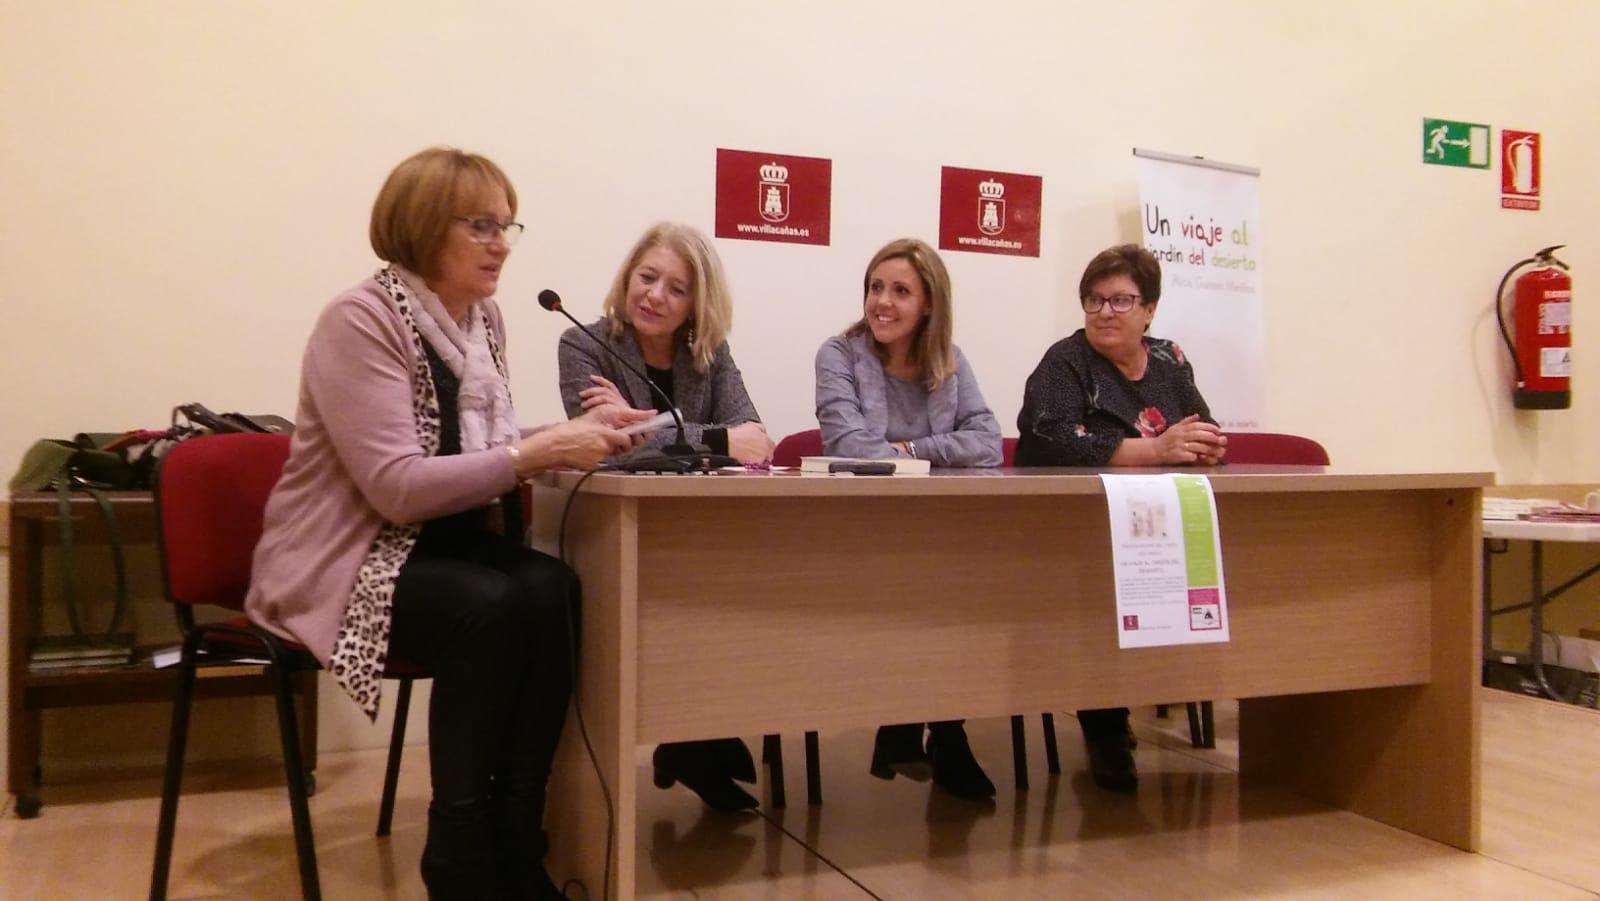 """Alicia Guisado Morillas presentó su último libro """"Un viaje al jardín del desierto"""" en Villacañas. - Ayuntamiento de Villacañas"""